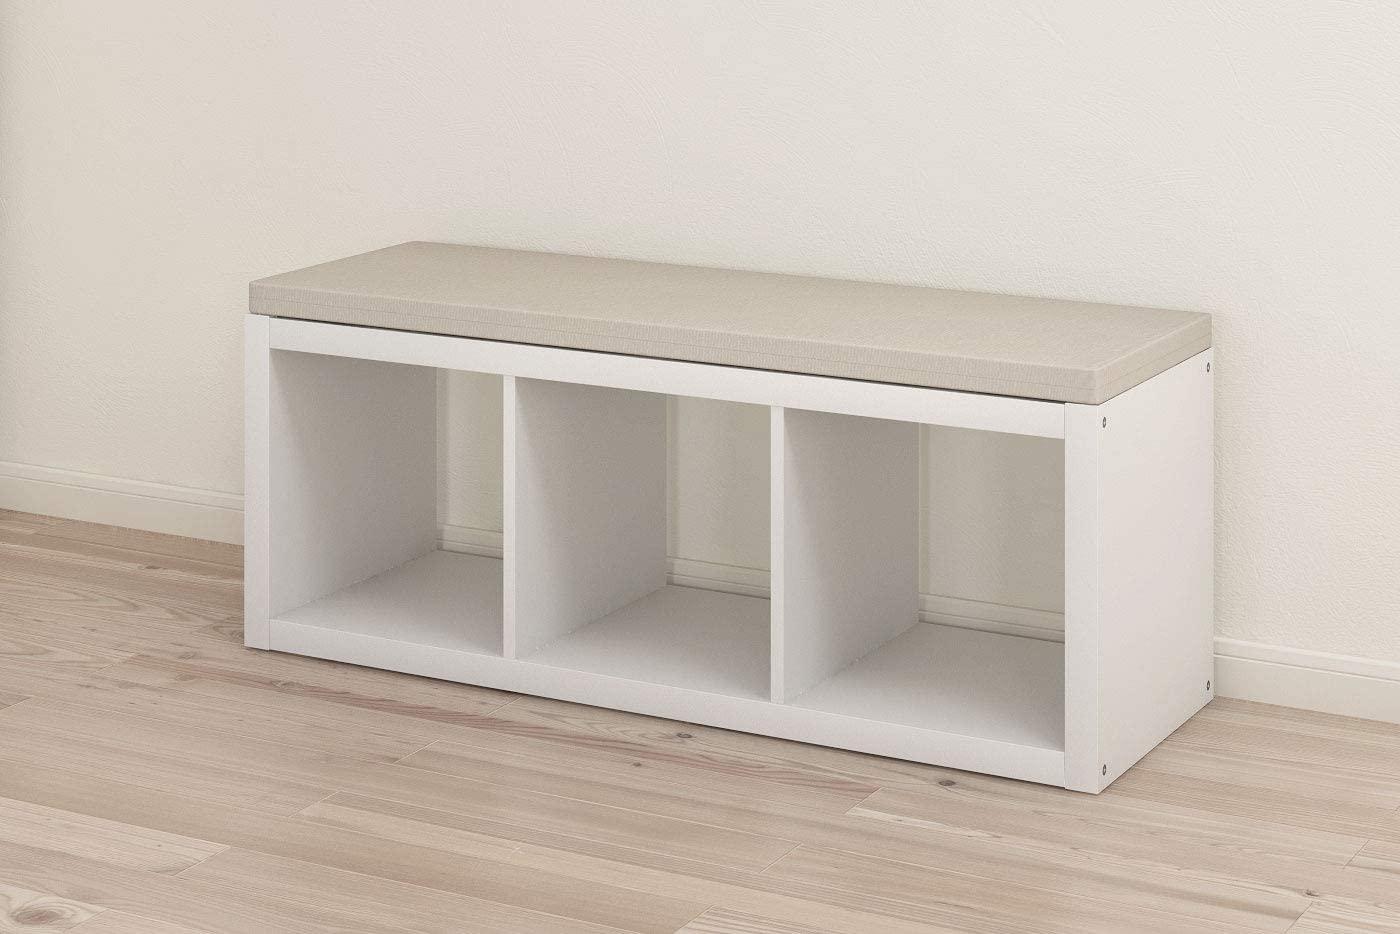 Full Size of Ikea Sitzbank Kallaregal Sitzauflage 146 39 4 Cm Sitzpolster Schlafzimmer Bett Garten Küche Kosten Betten 160x200 Sofa Mit Schlaffunktion Modulküche Kaufen Wohnzimmer Ikea Sitzbank